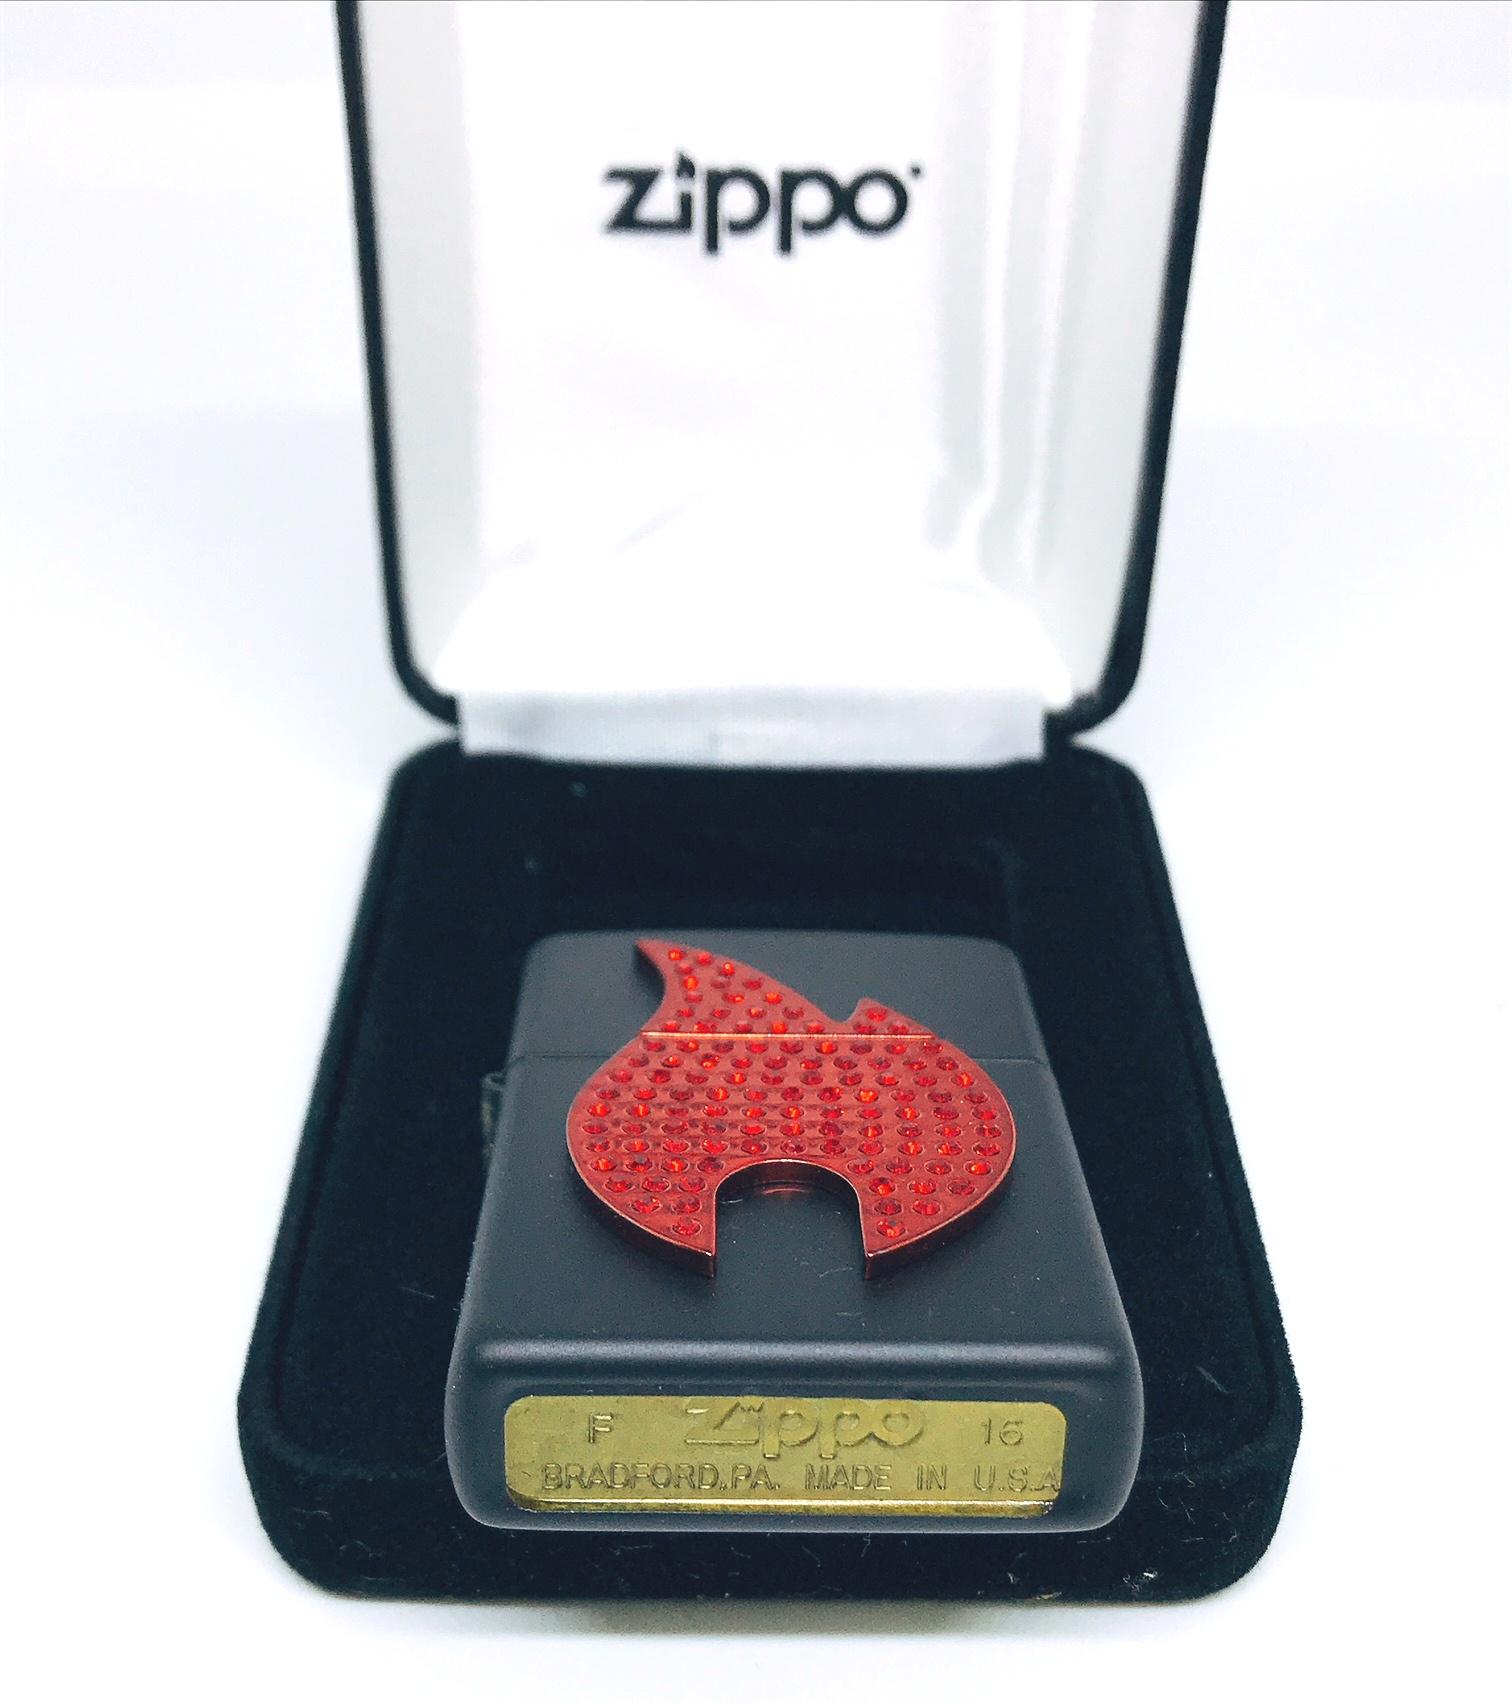 Hop quet zippo noi ngon lua den Z612 2